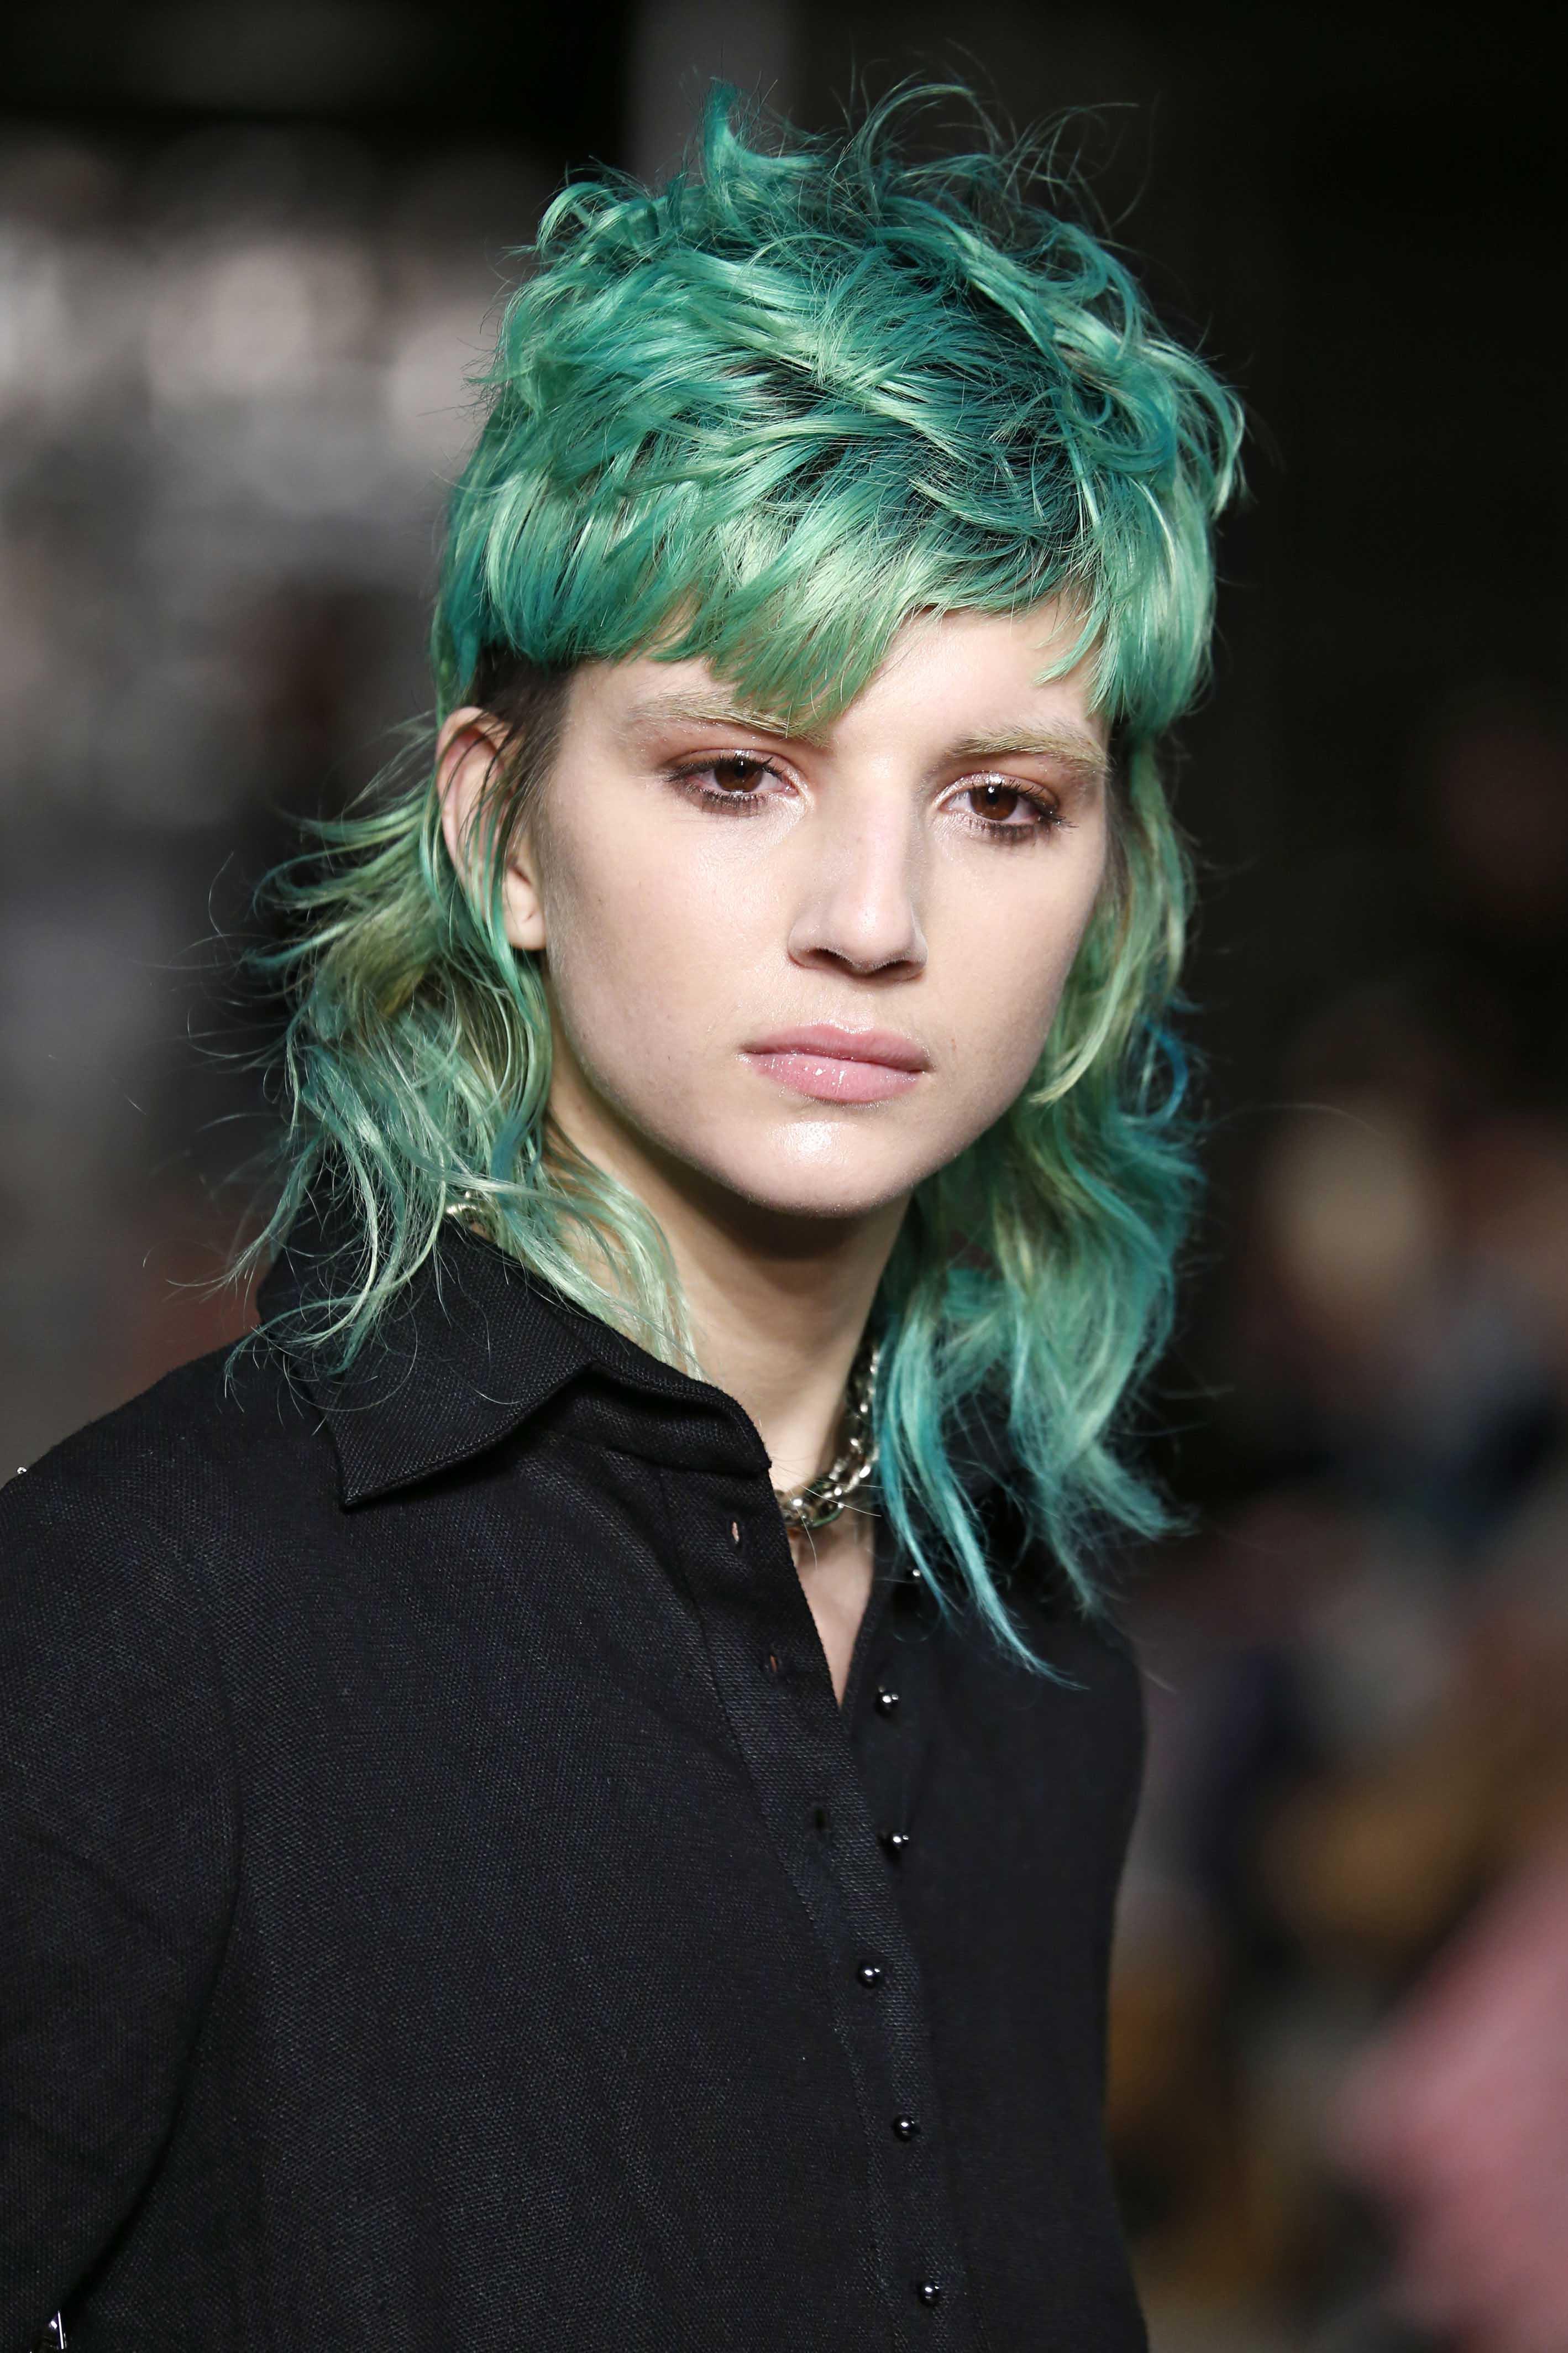 Warna rambut mermaid hair hijau tosca.